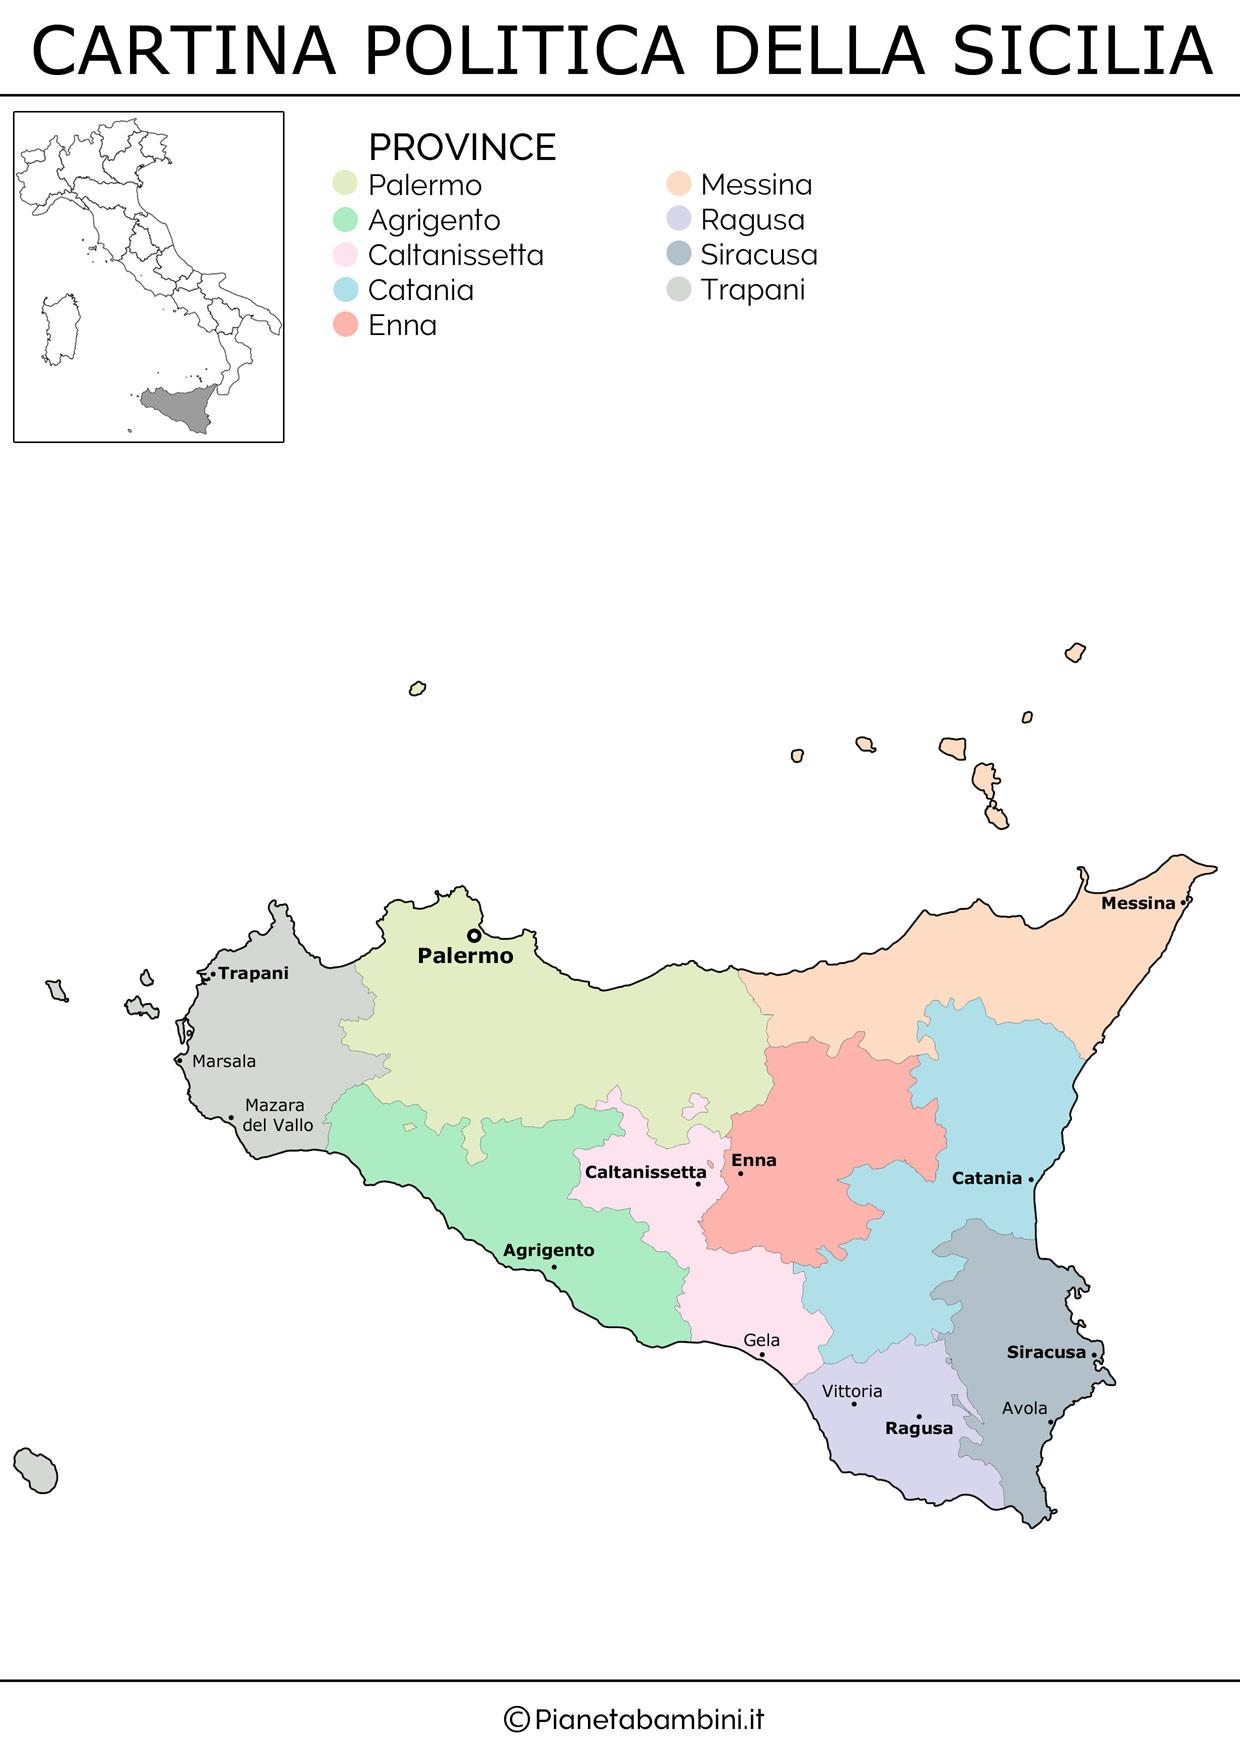 Regione Sicilia Cartina Politica.Cartina Muta Fisica E Politica Della Sicilia Da Stampare Pianetabambini It